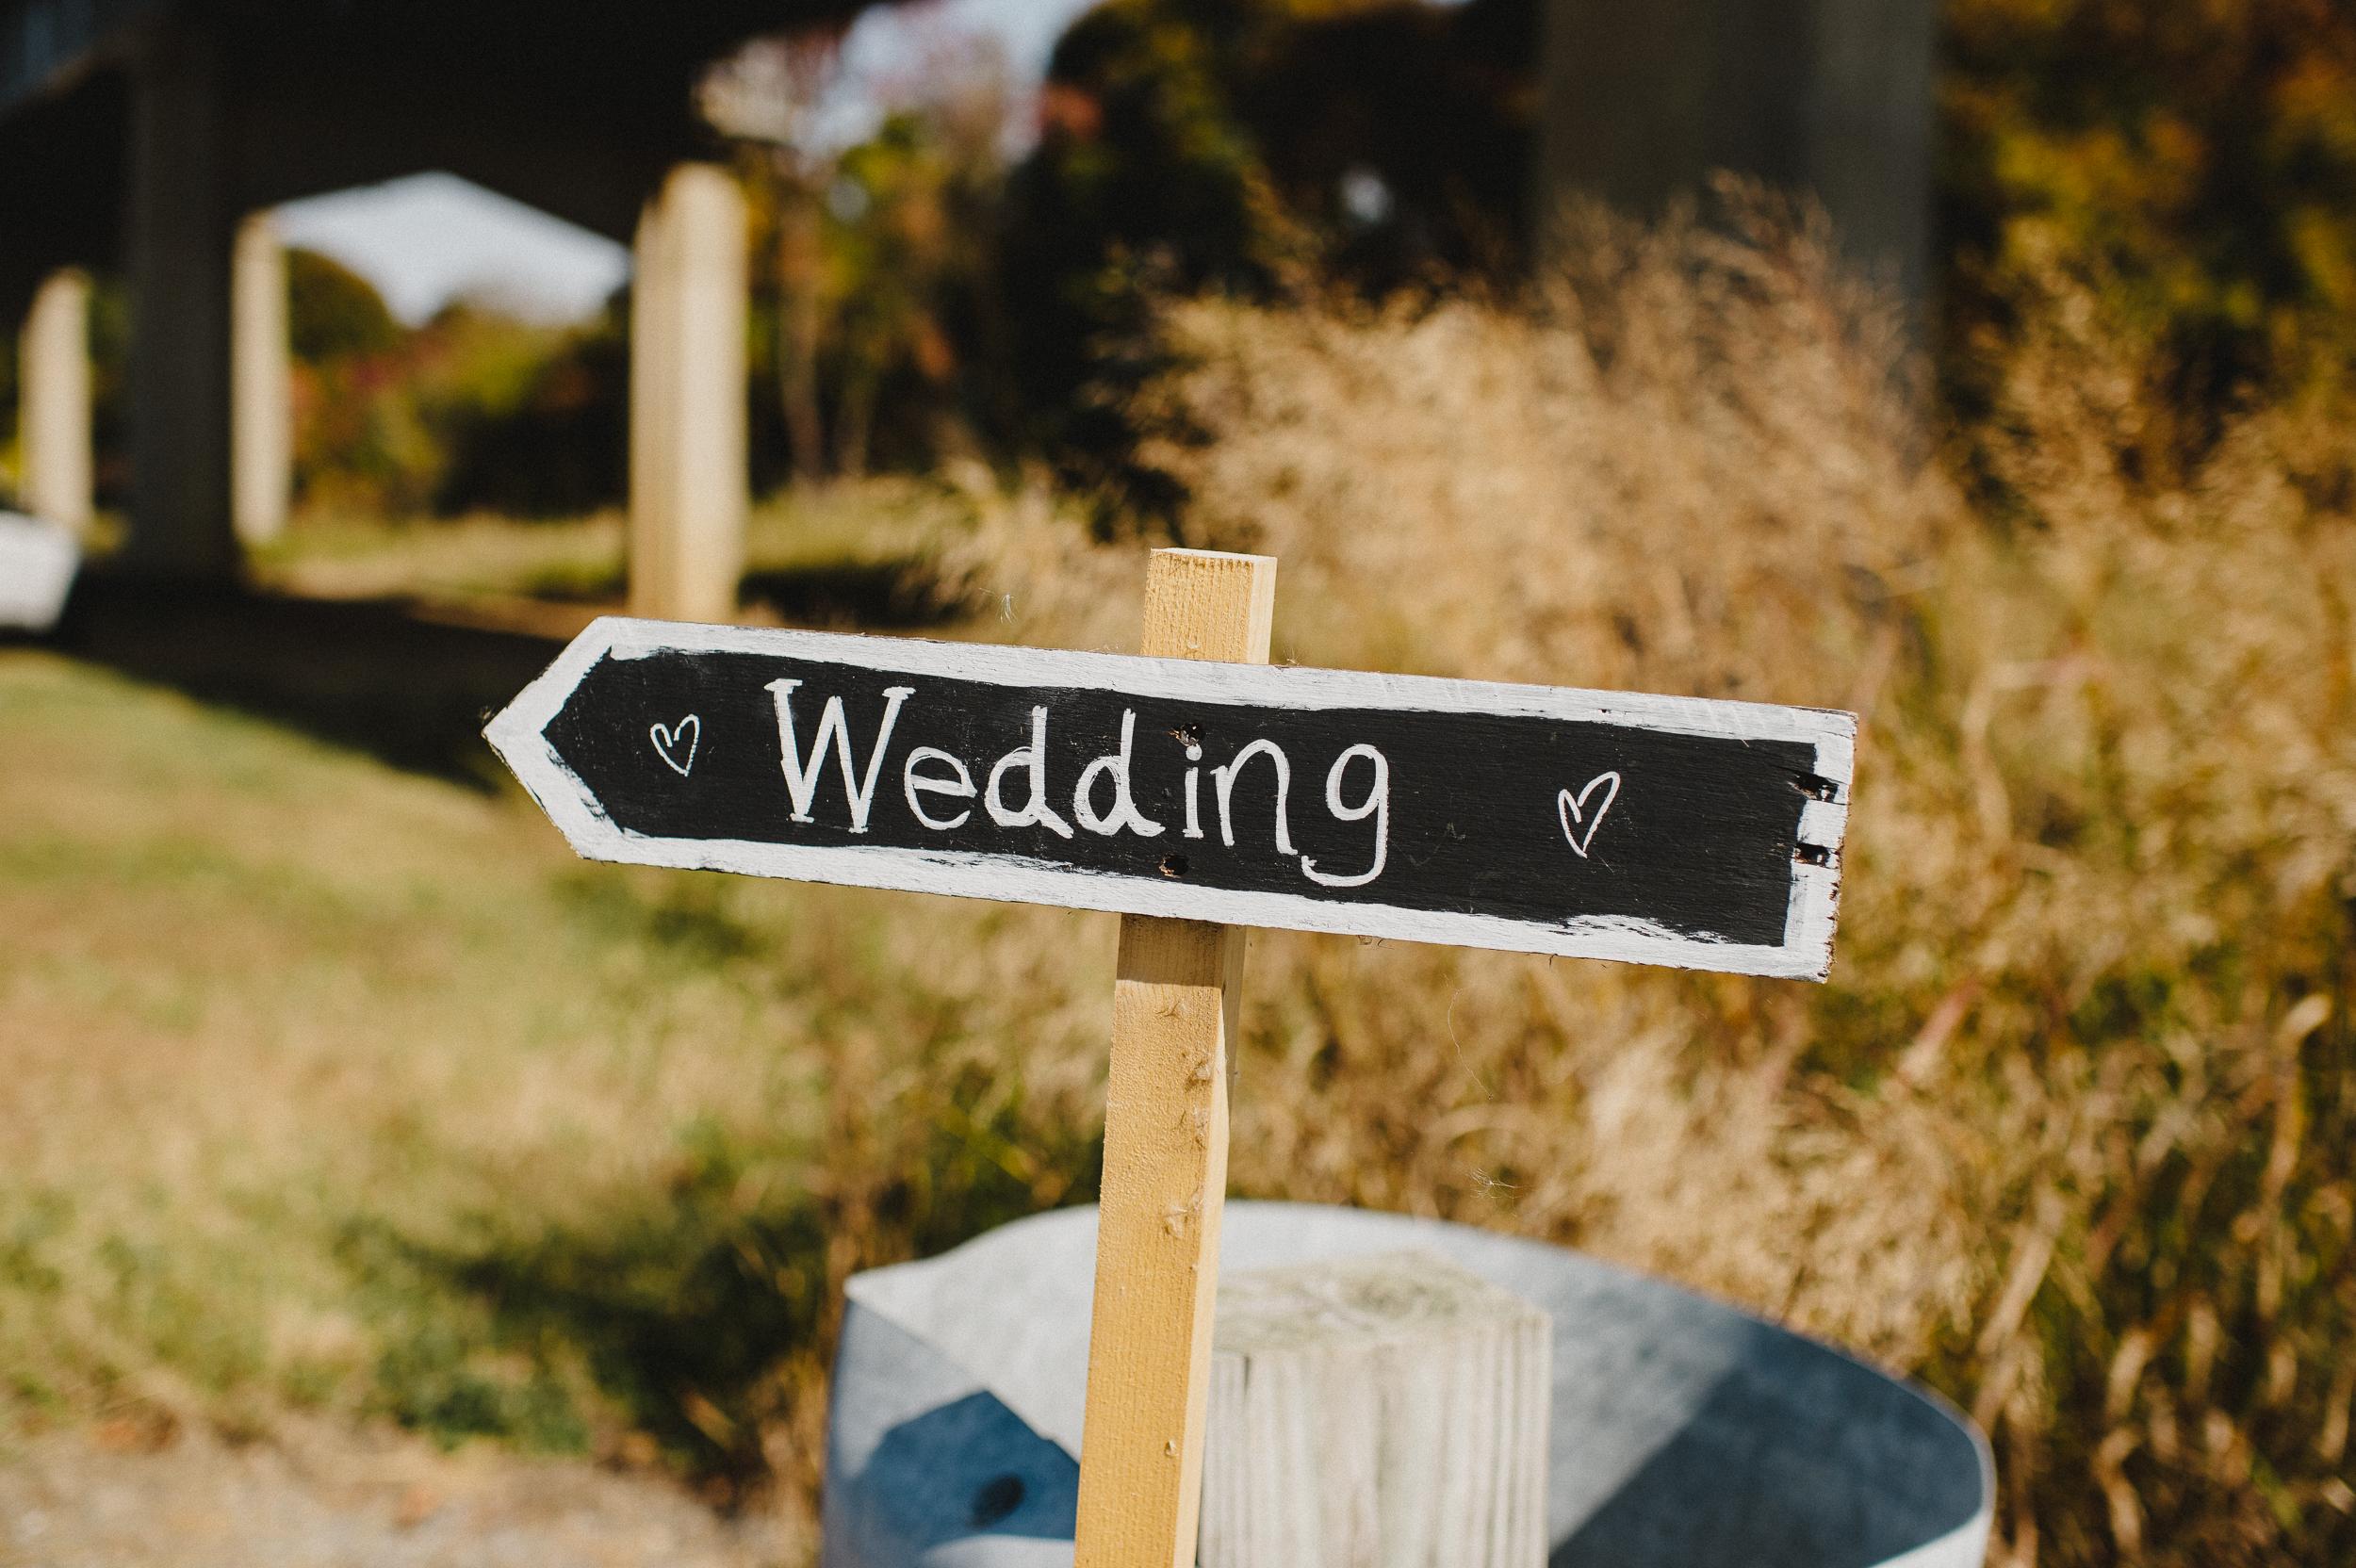 thousand-acre-farm-wedding-photographer-1.jpg